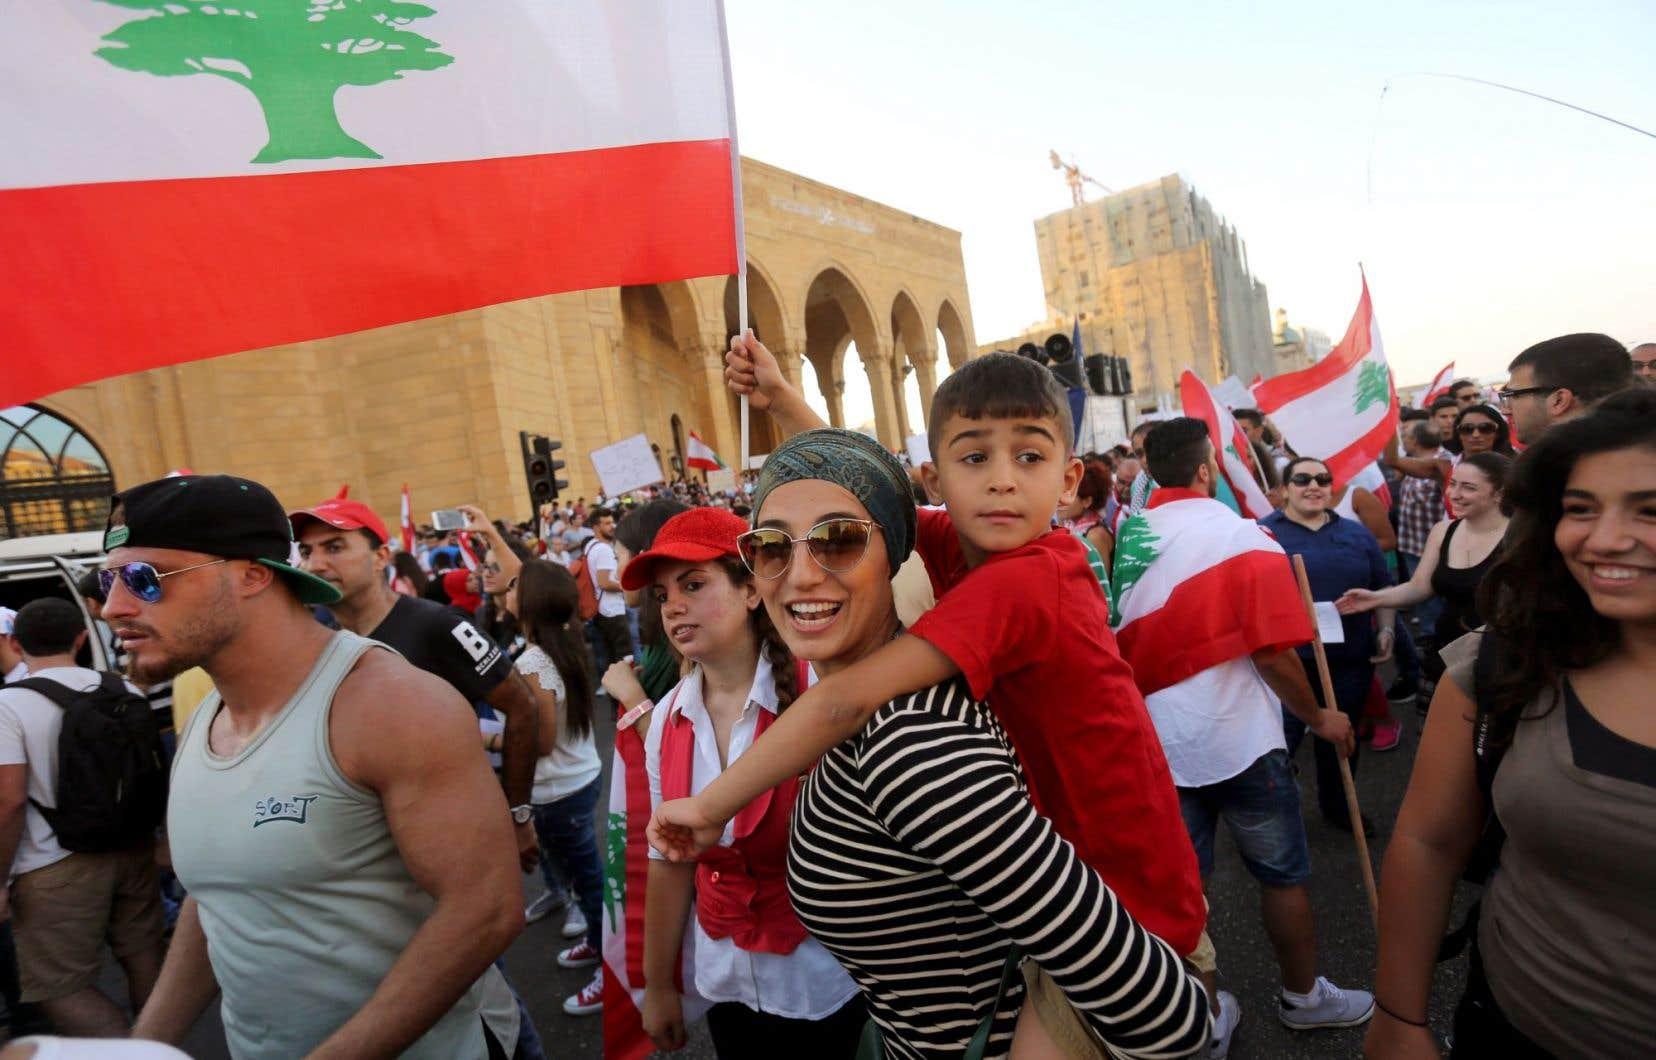 La manifestation de samedi répondait à un appel de la société civile, et non de partis politiques.